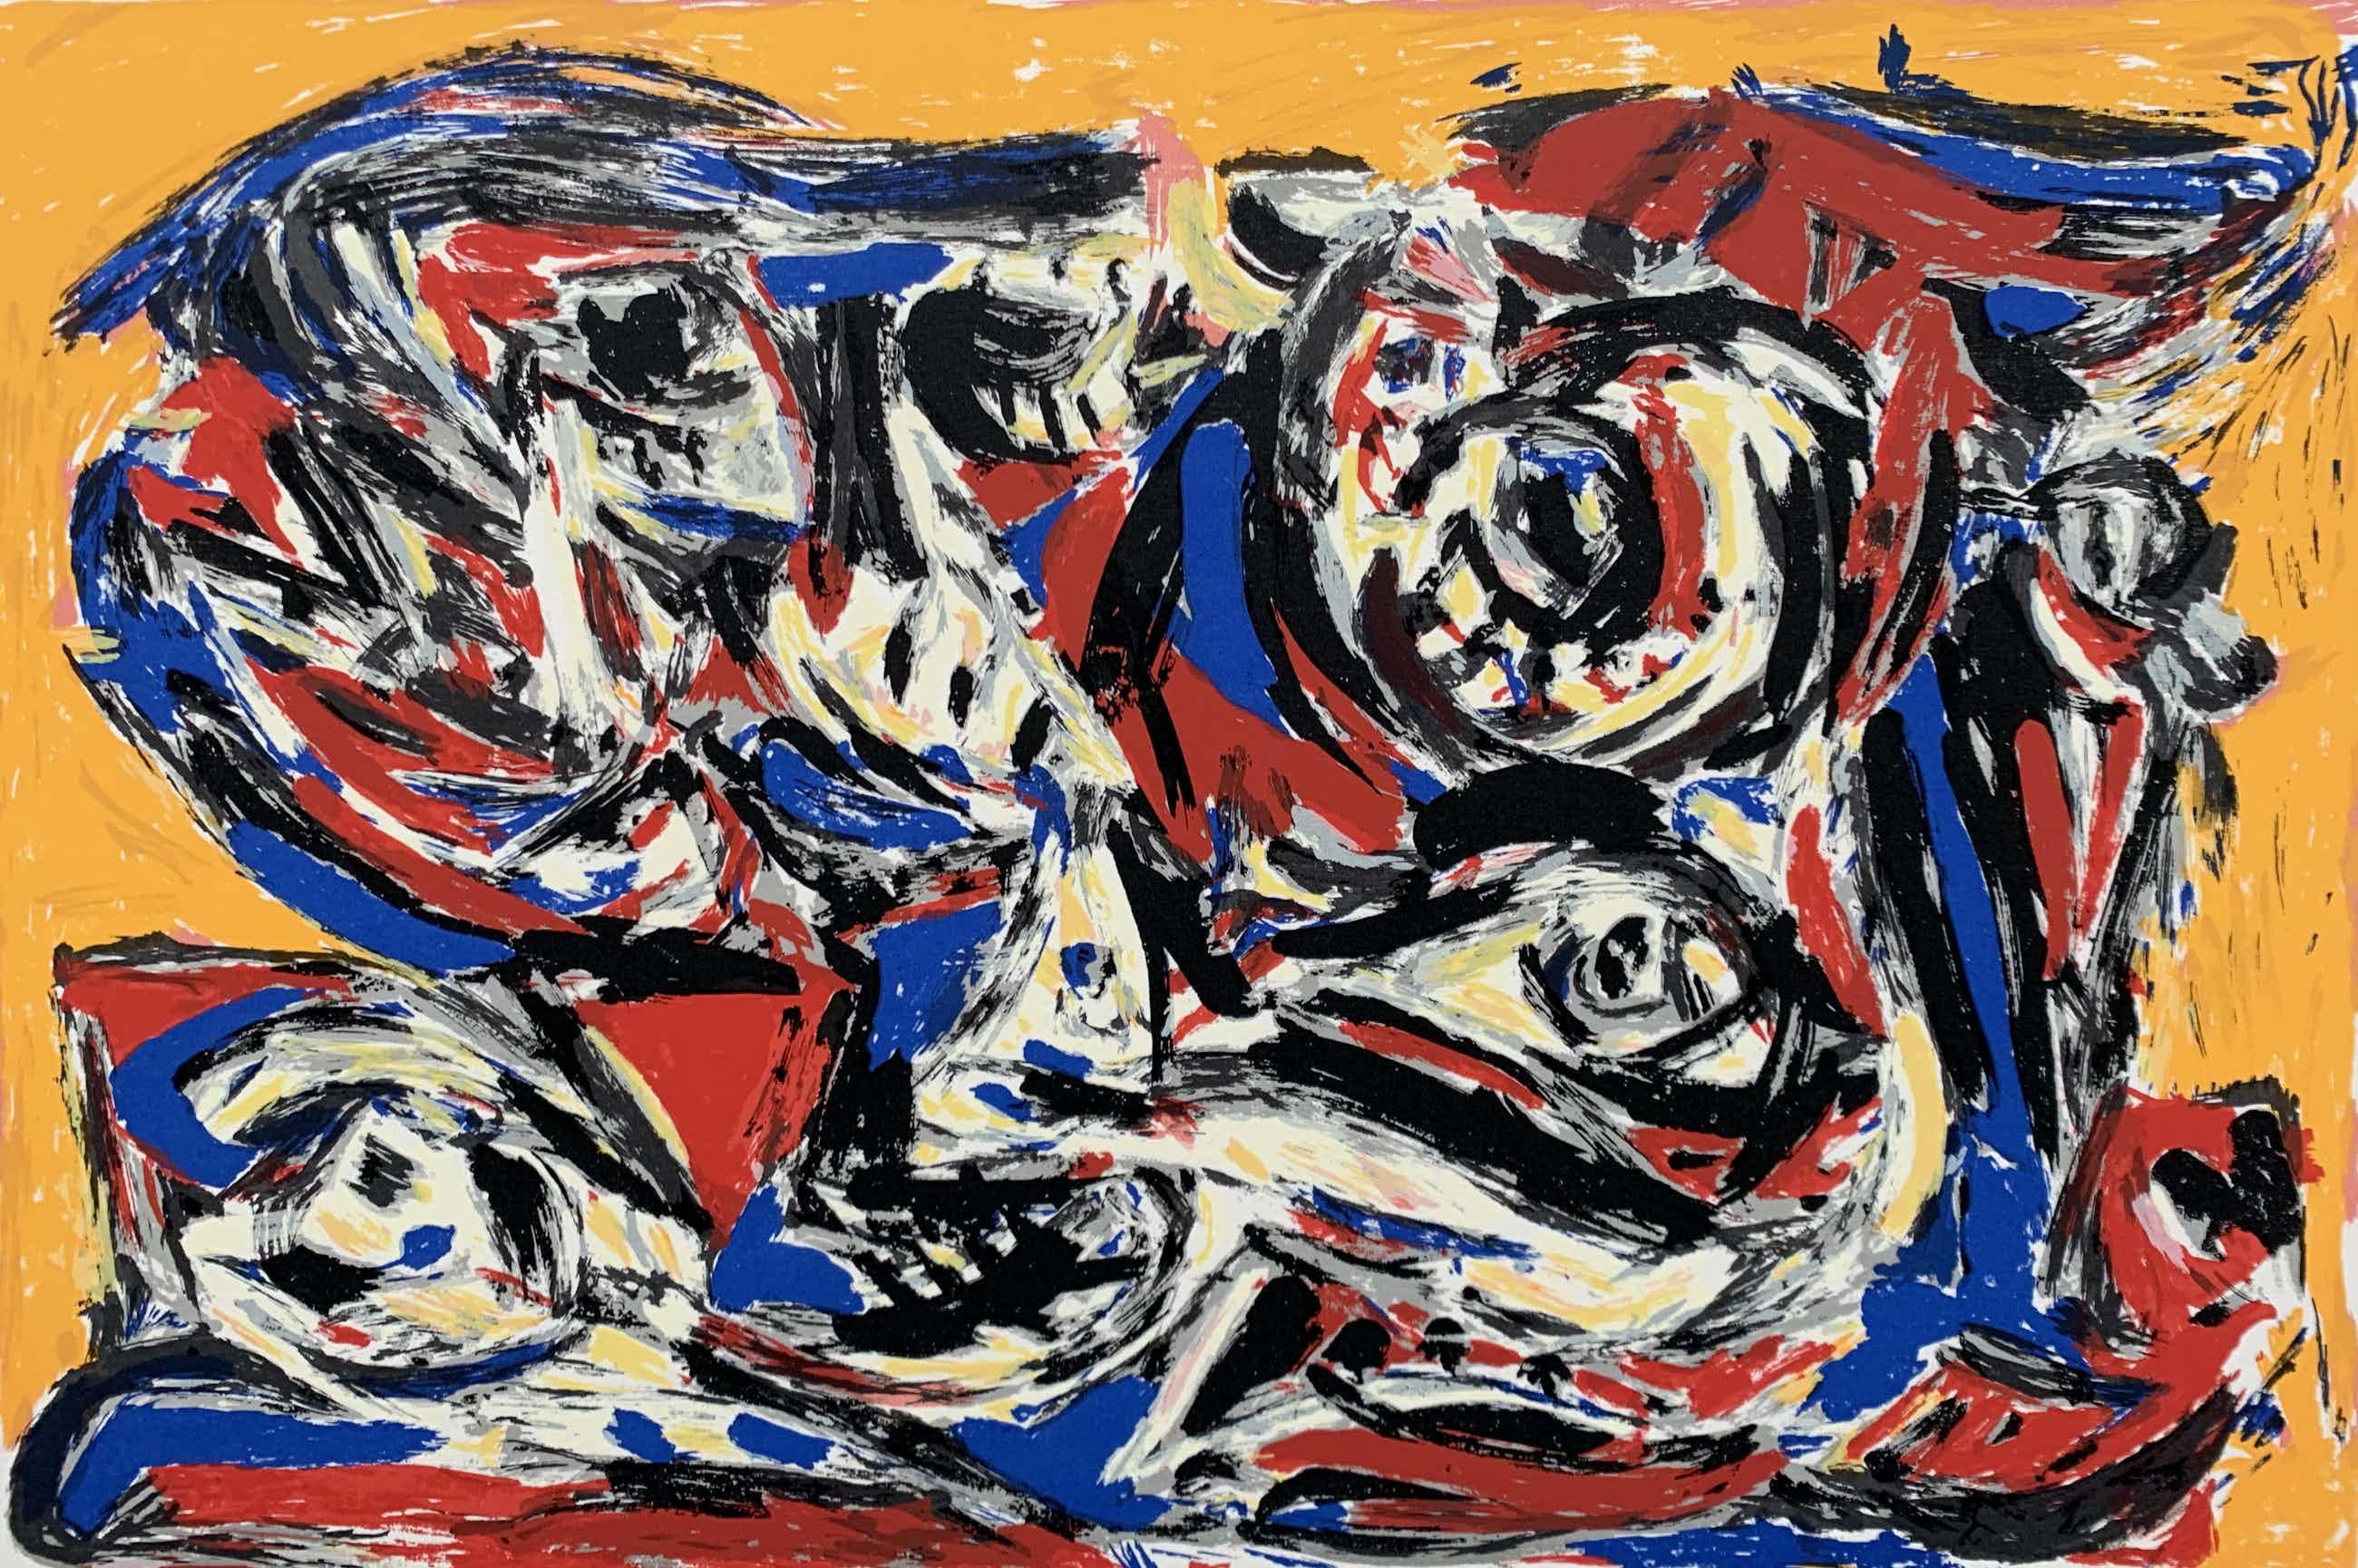 Theo Wolvecamp - kleurenzeefdruk - zonder titel - 1988 (Prachtige kleuren) kopen? Bied vanaf 225!